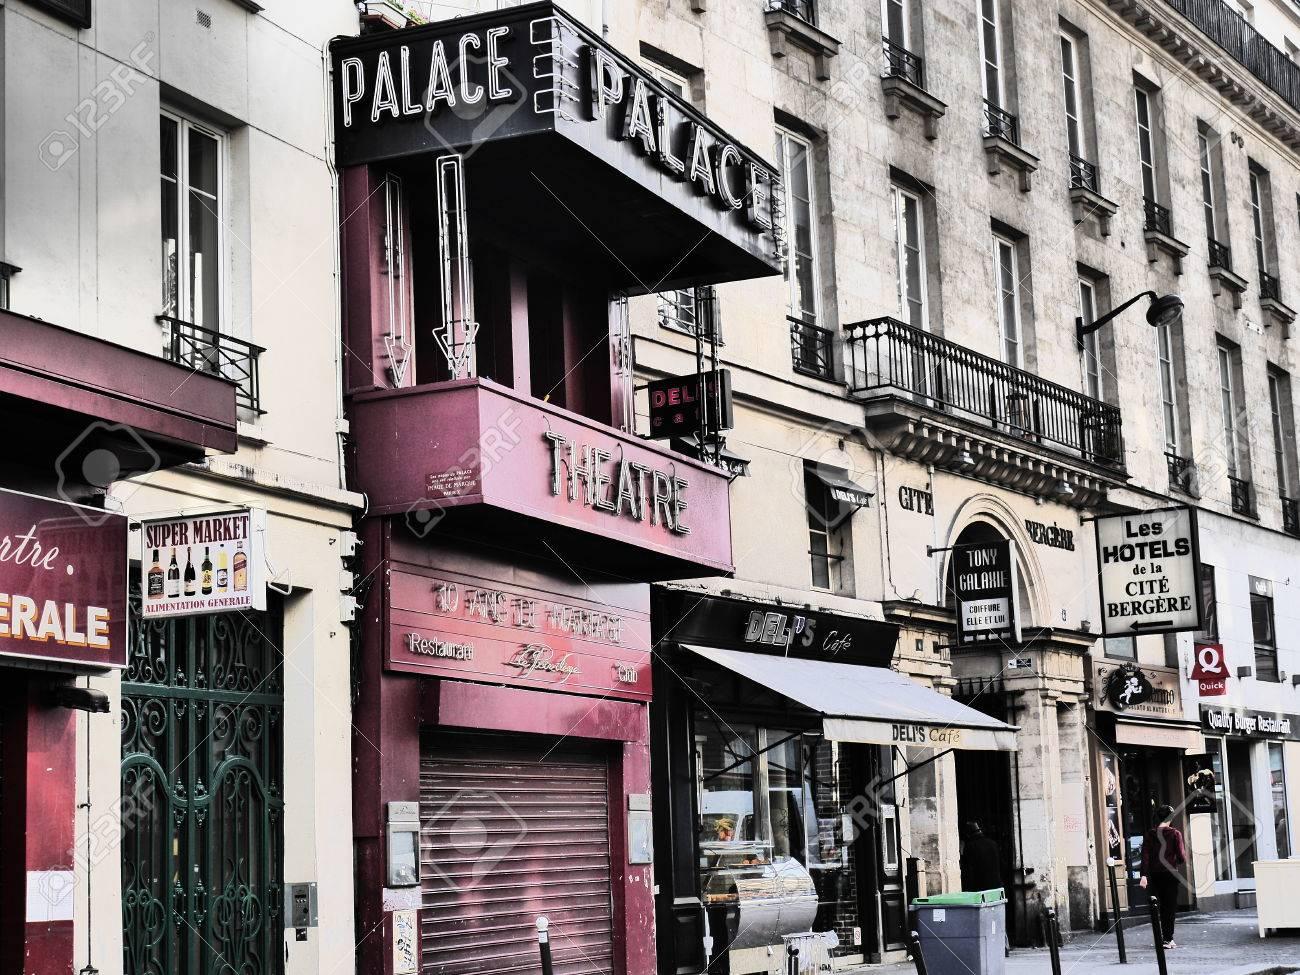 Theatre Le Palace 8 Rue Du Faubourg Montmartre 75009 Paris Stock ...